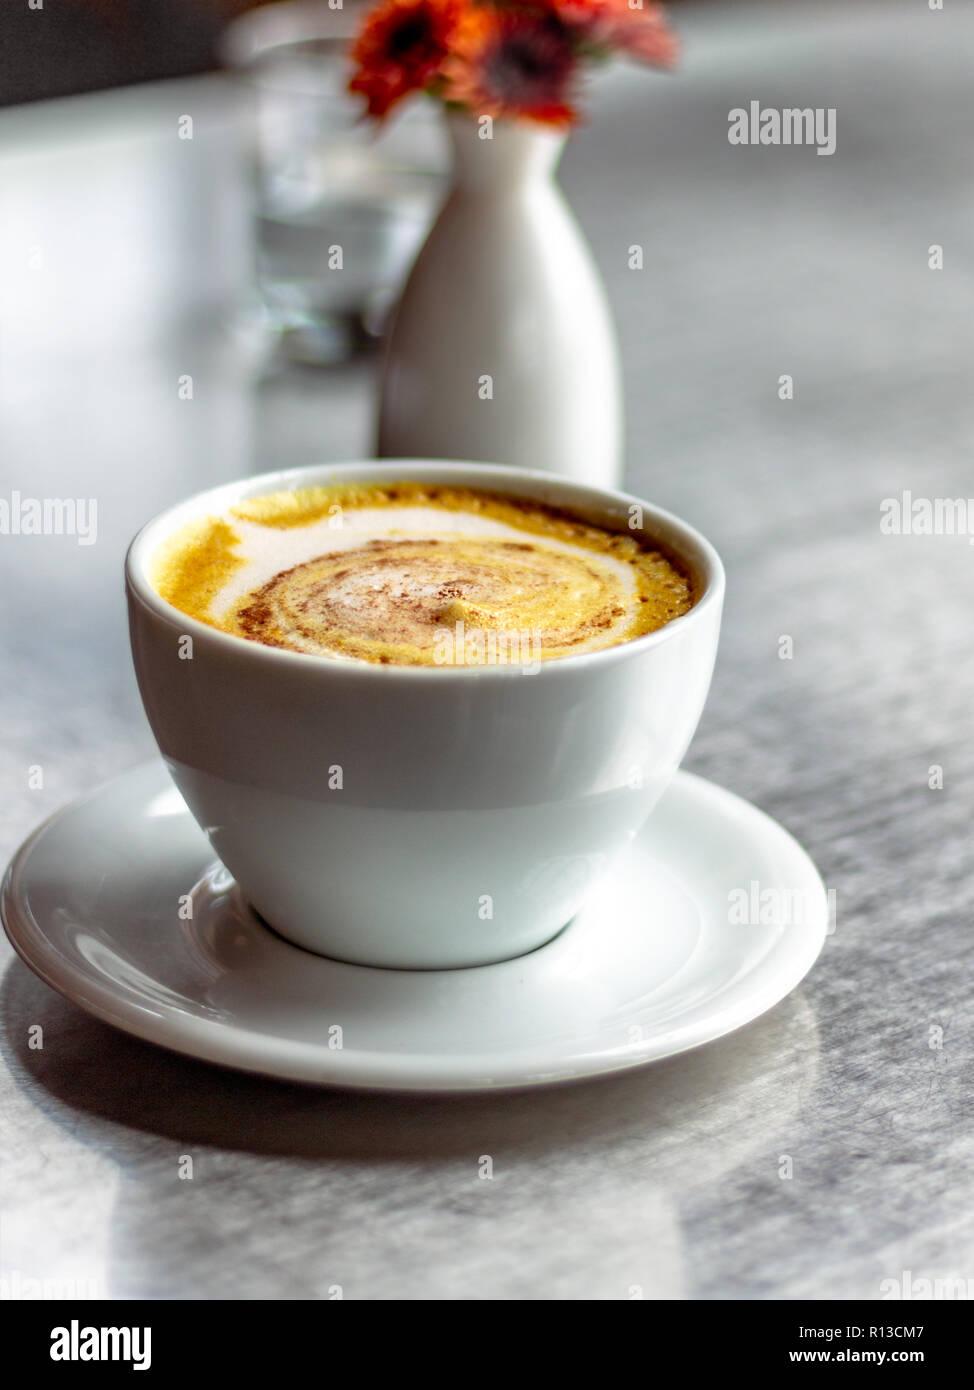 Casual caffetteria. Latte art. La formazione di schiuma del latte. Brocca in vetro chiaro. Fiori d'arancio in un bianco ovale vaso bianco. Immagini Stock